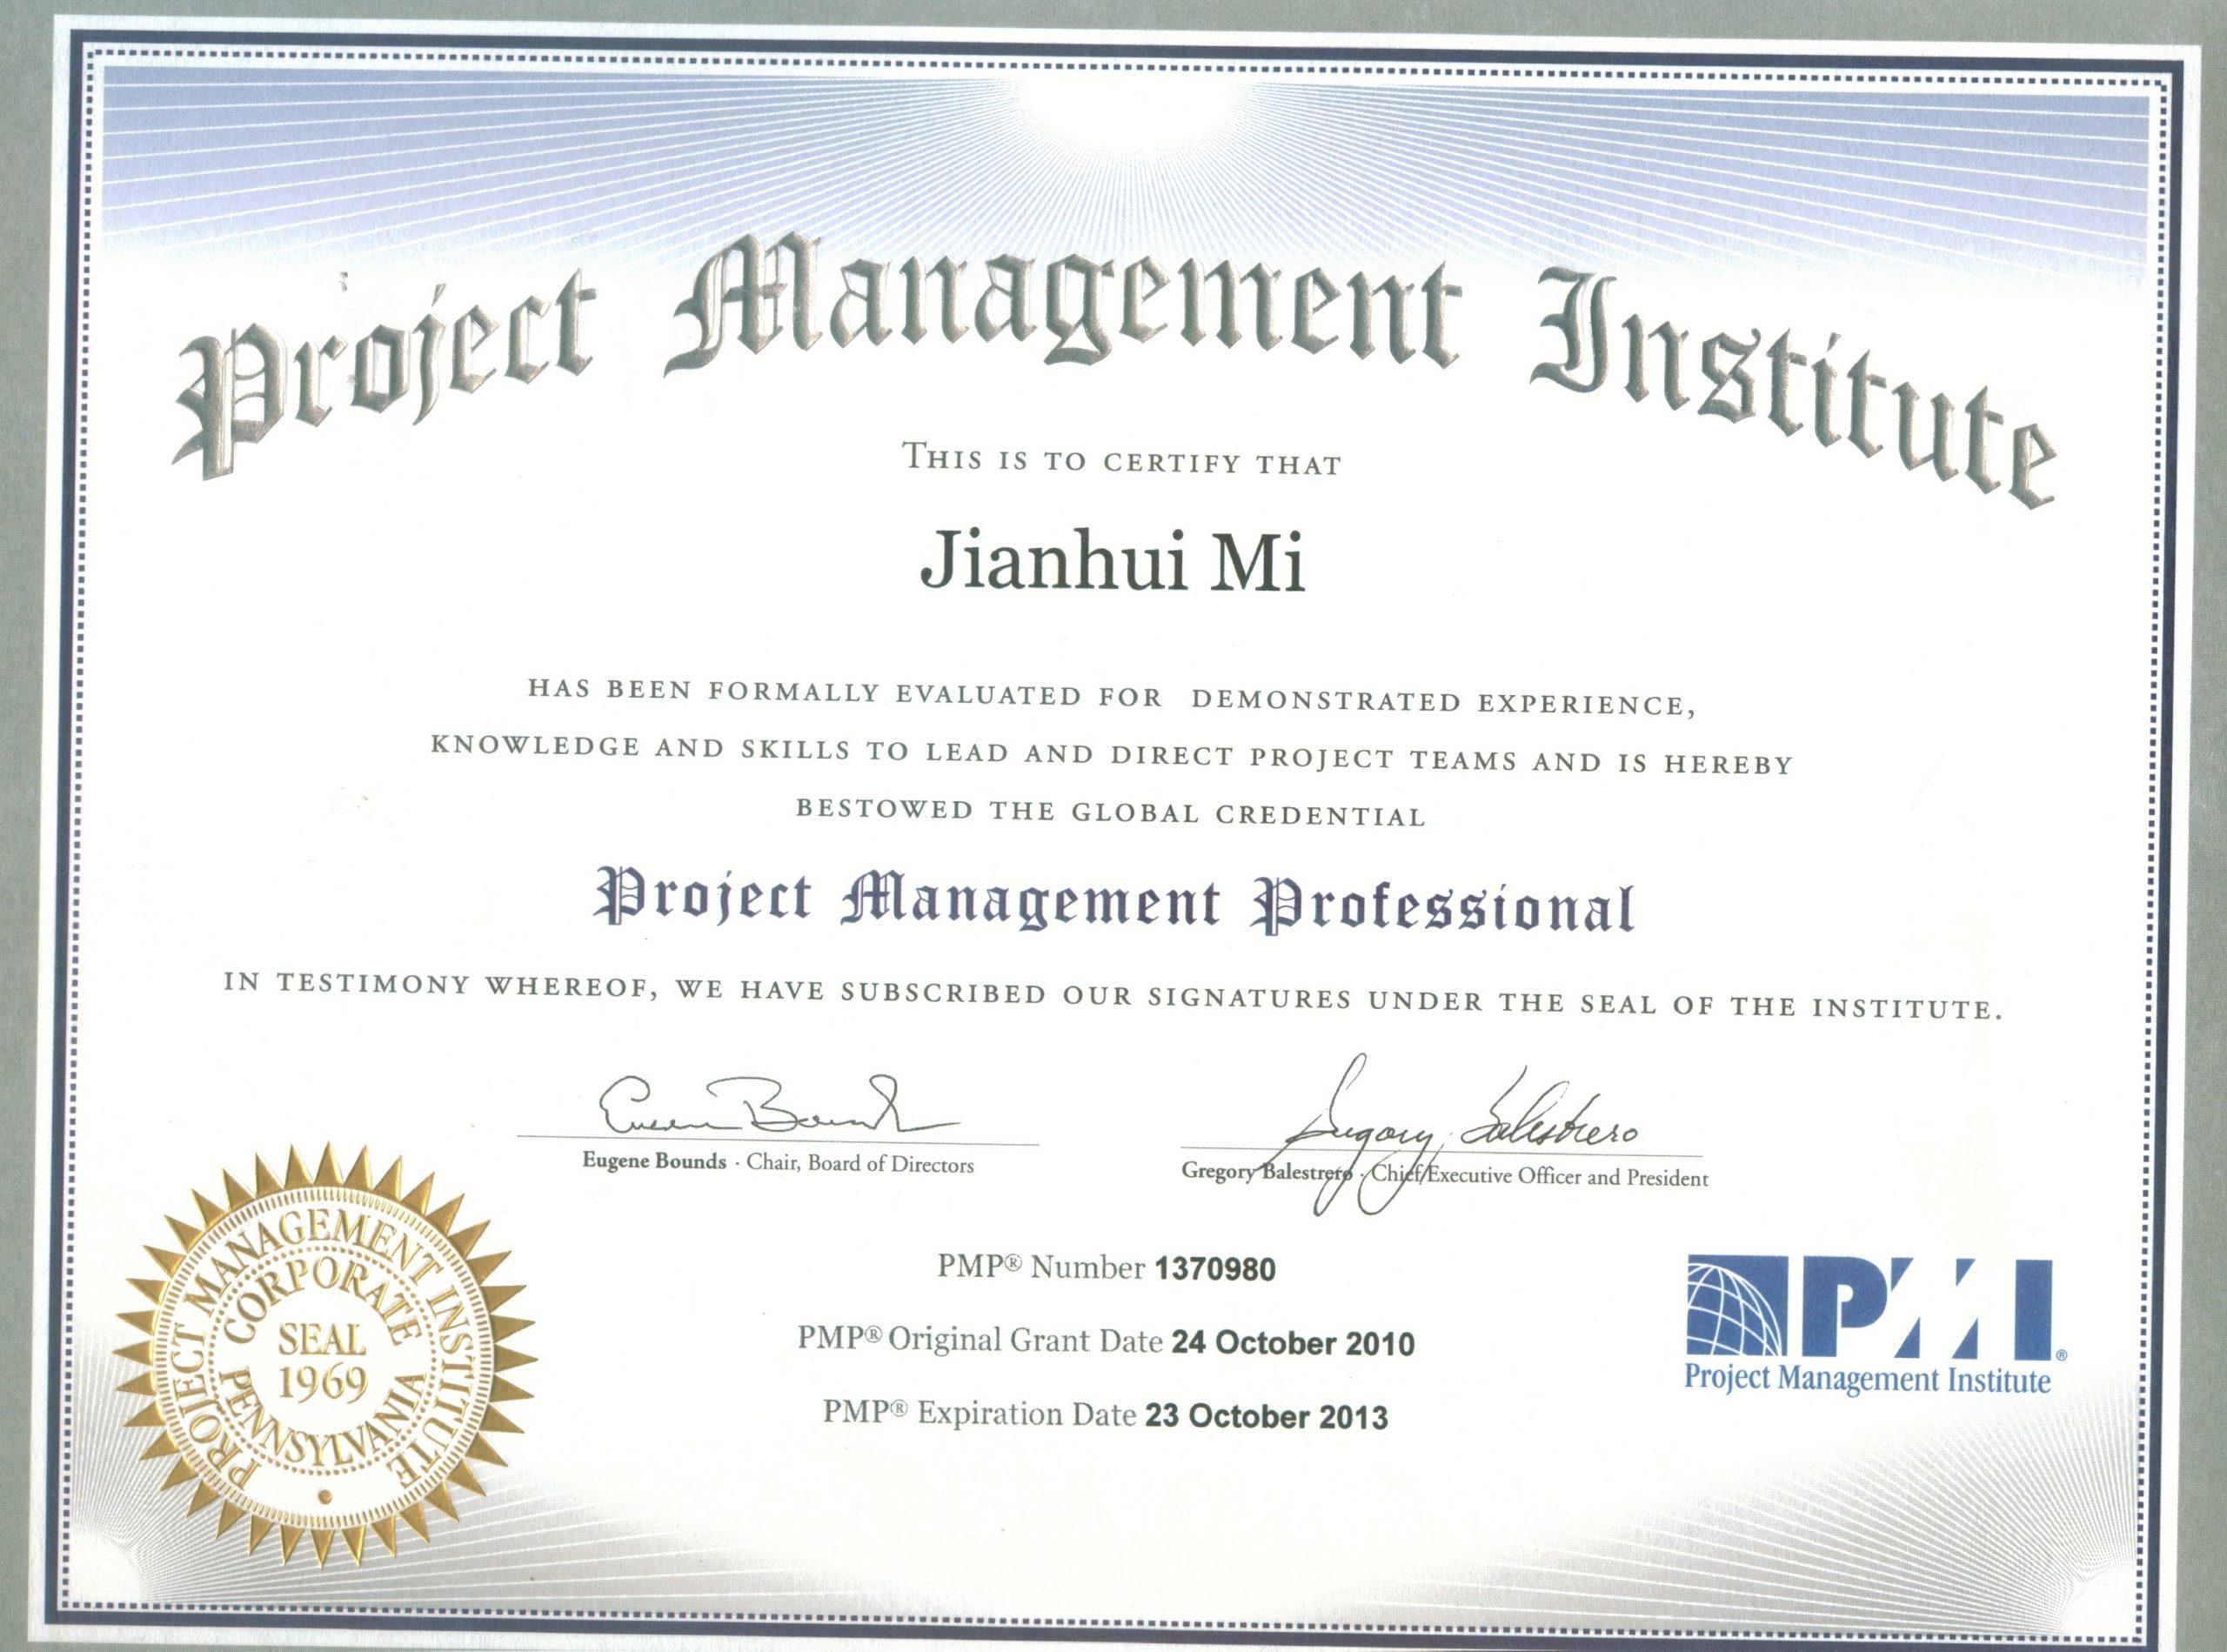 米国生活-米建辉-PMP-证书